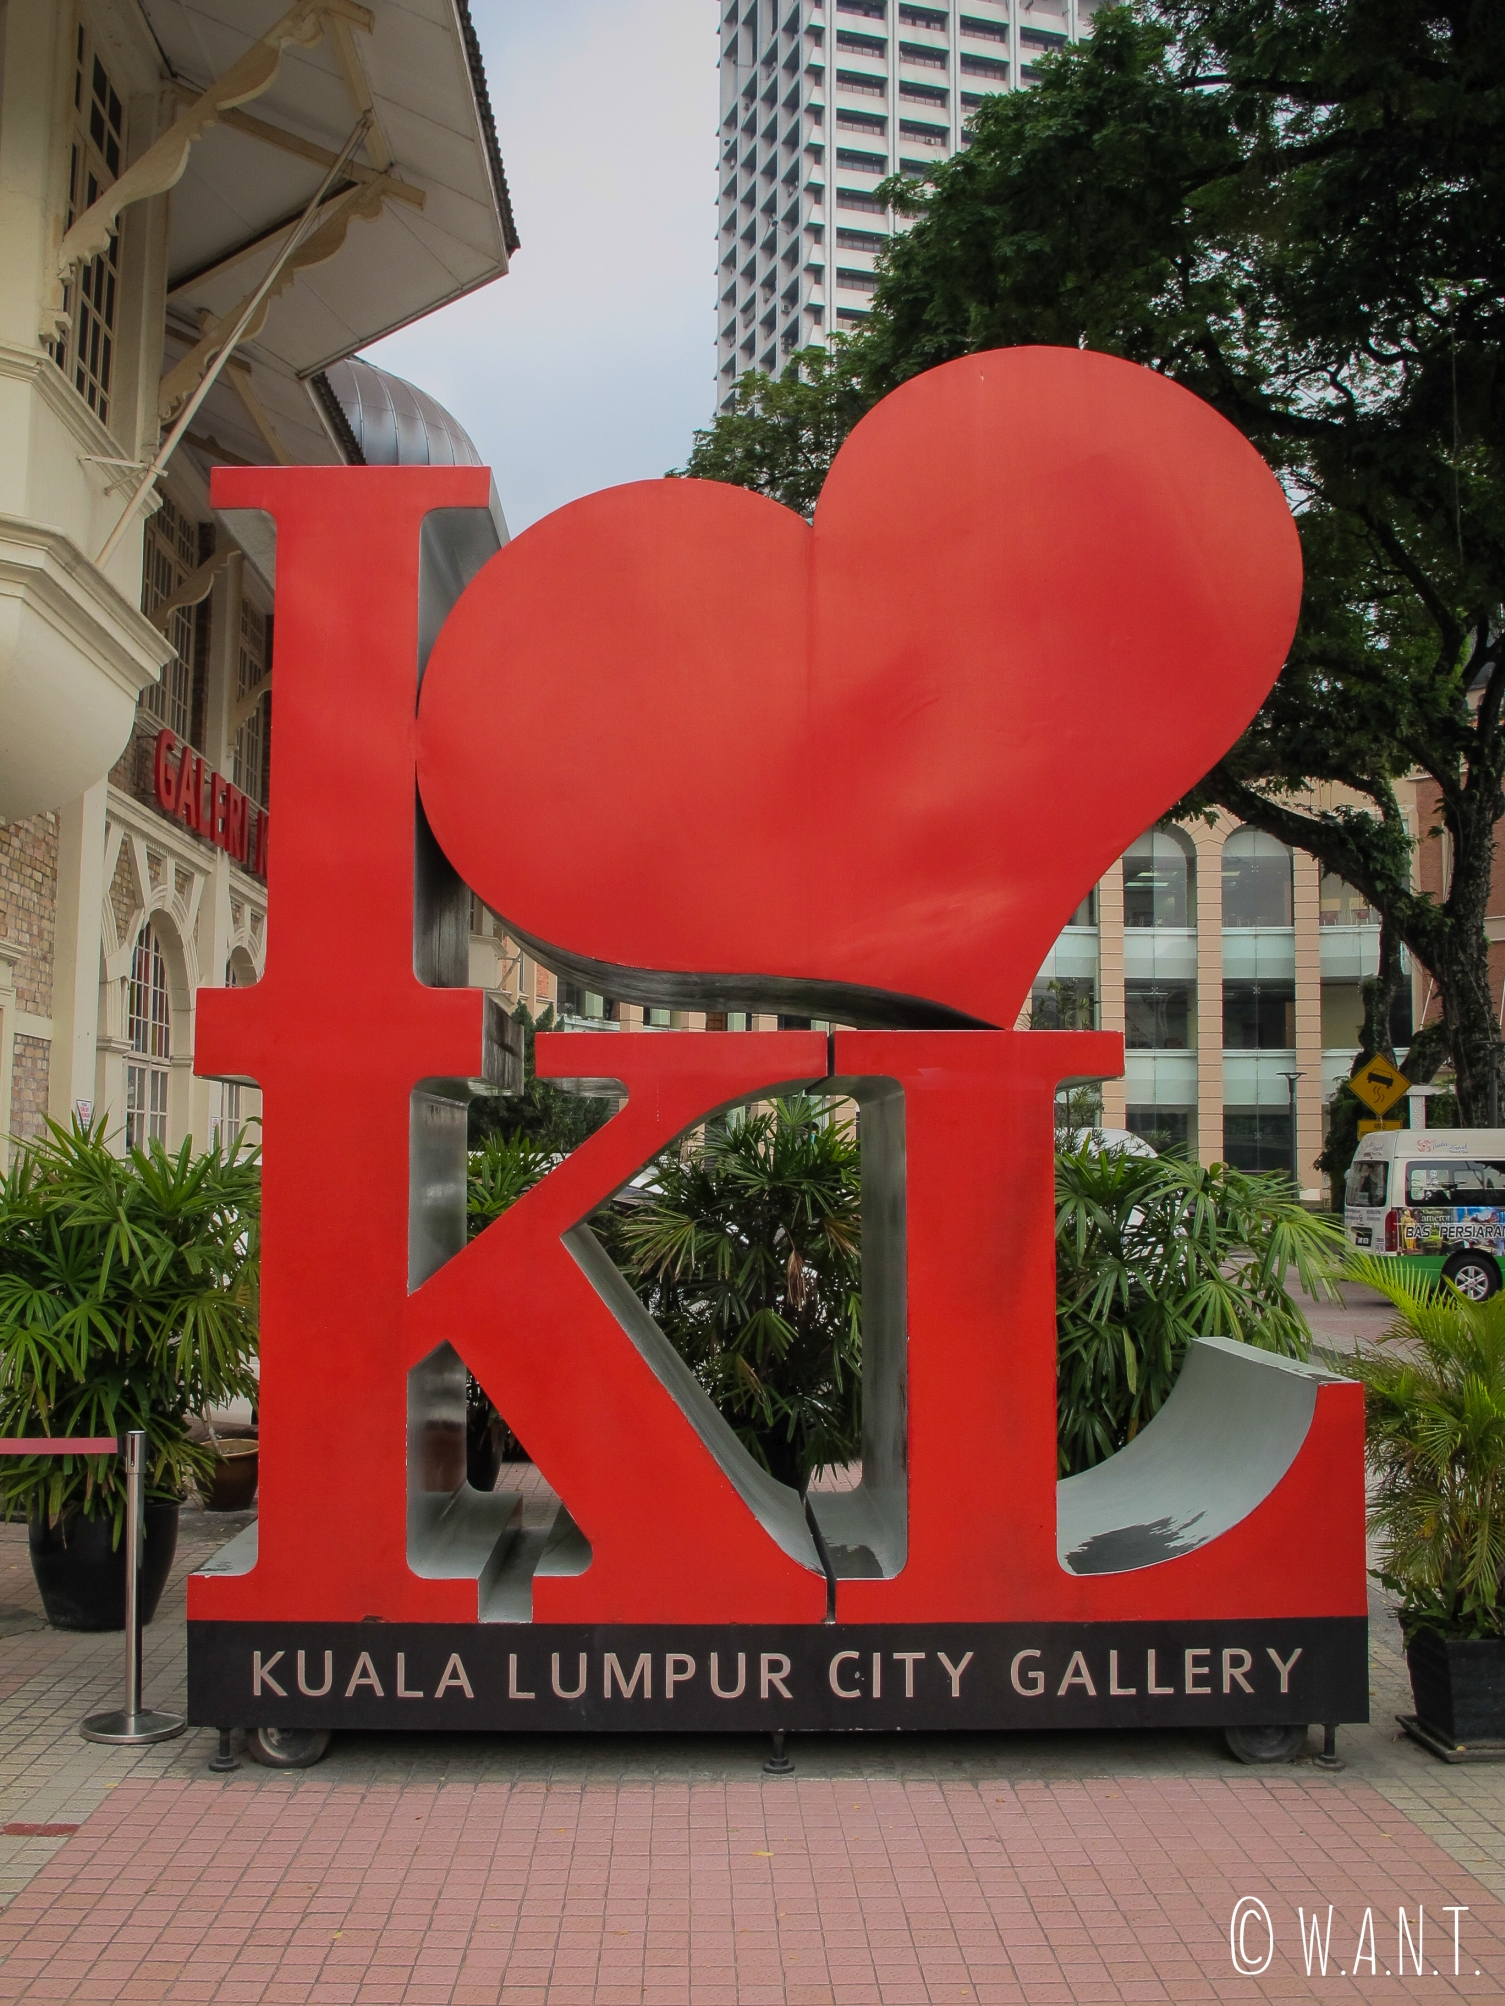 Symbole de Kuala Lumpur, installé devant le KL City Gallery, le plus photographié de la ville